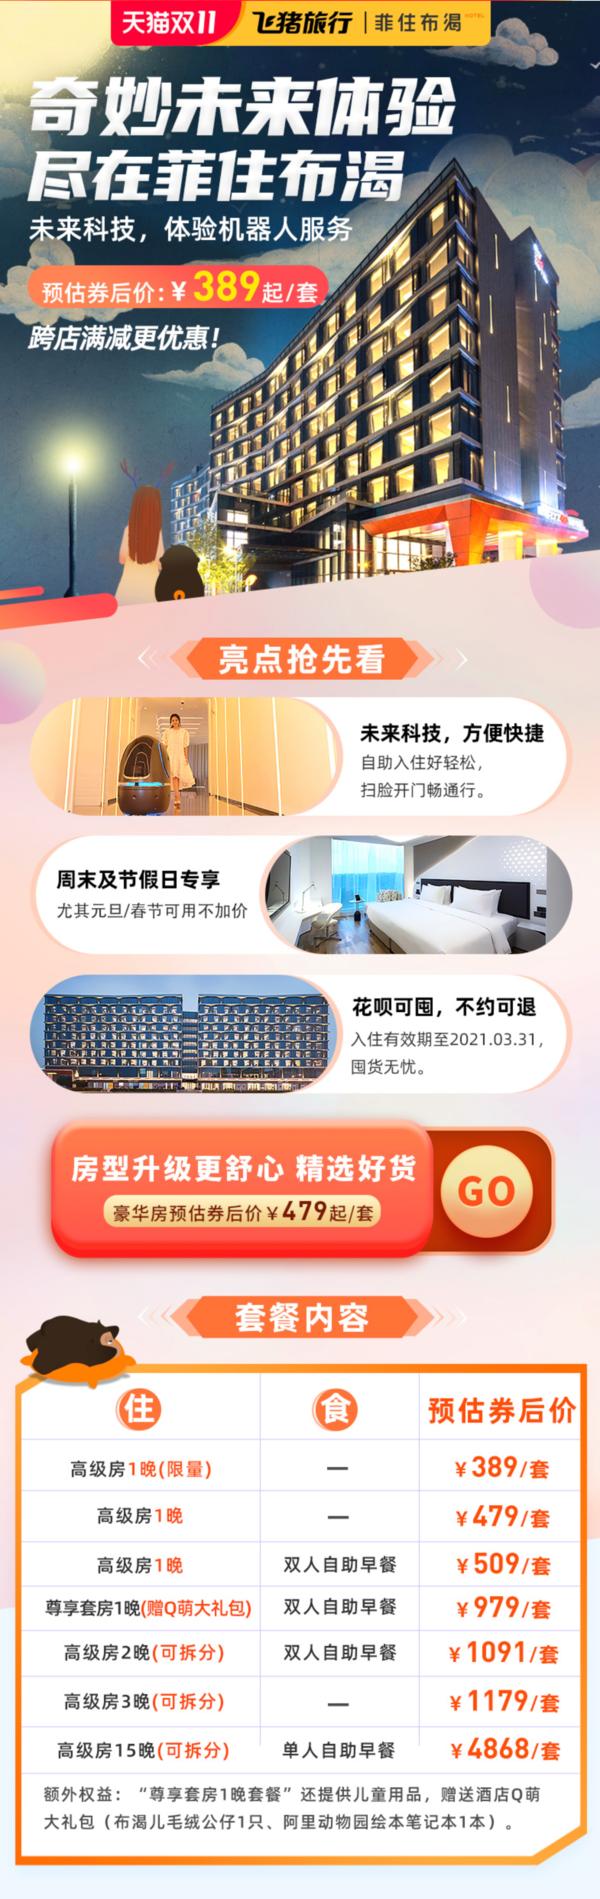 阿里首家未来酒店!杭州菲住布渴酒店 高级房/尊享套房 周末及节假日专享